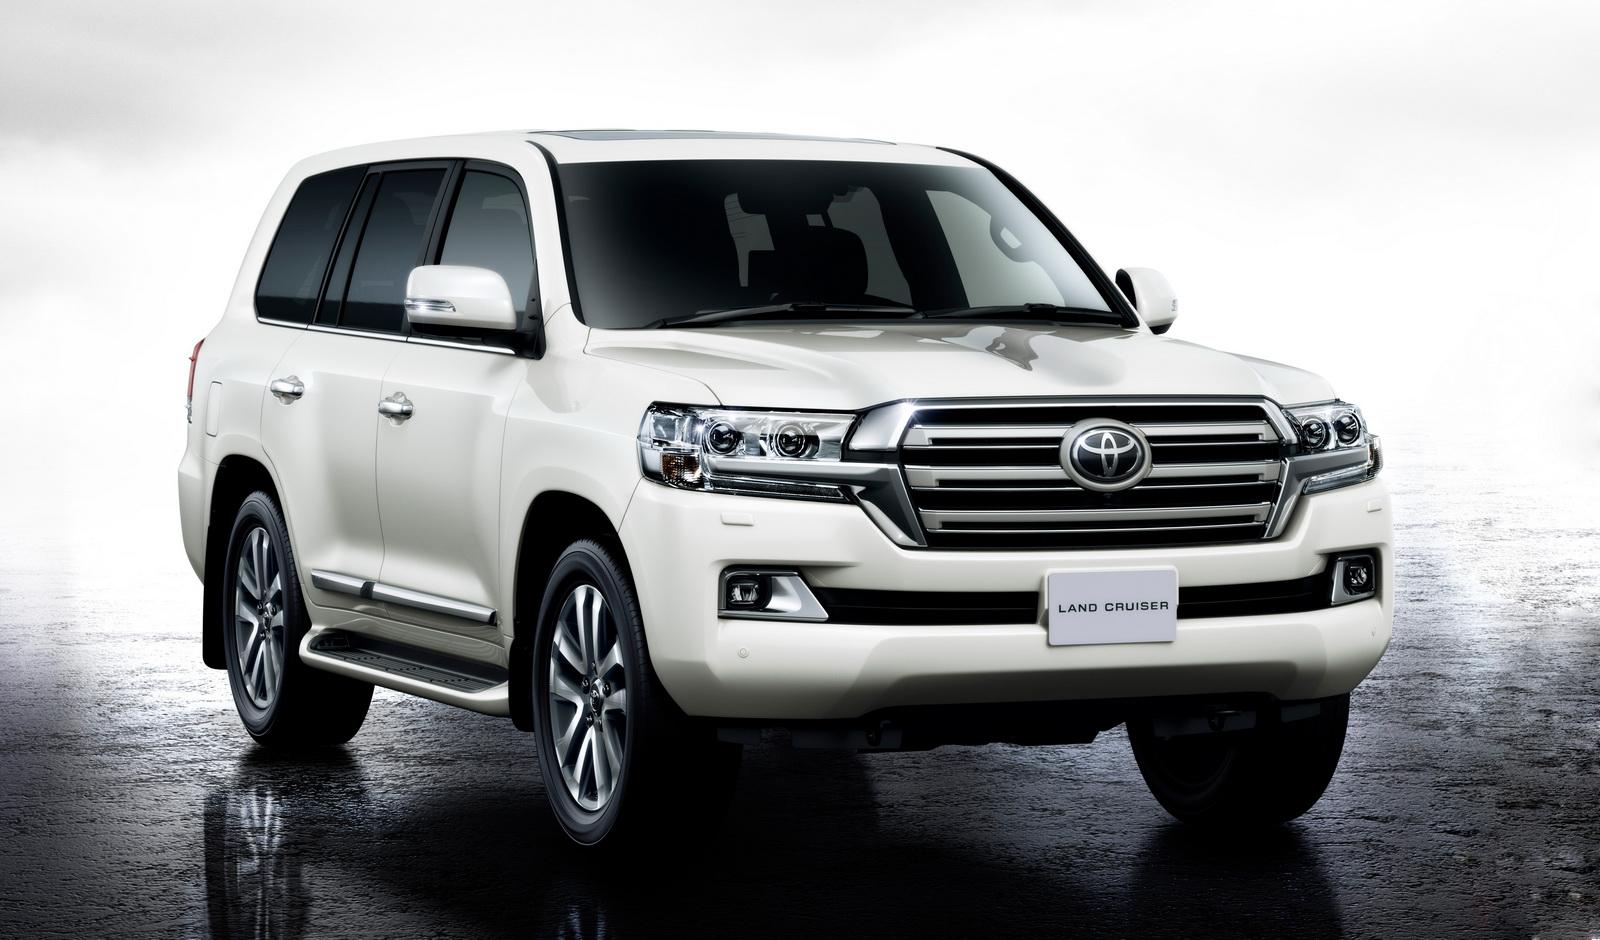 Toyota Land Cruiser возглавил самых долгослужащих авто